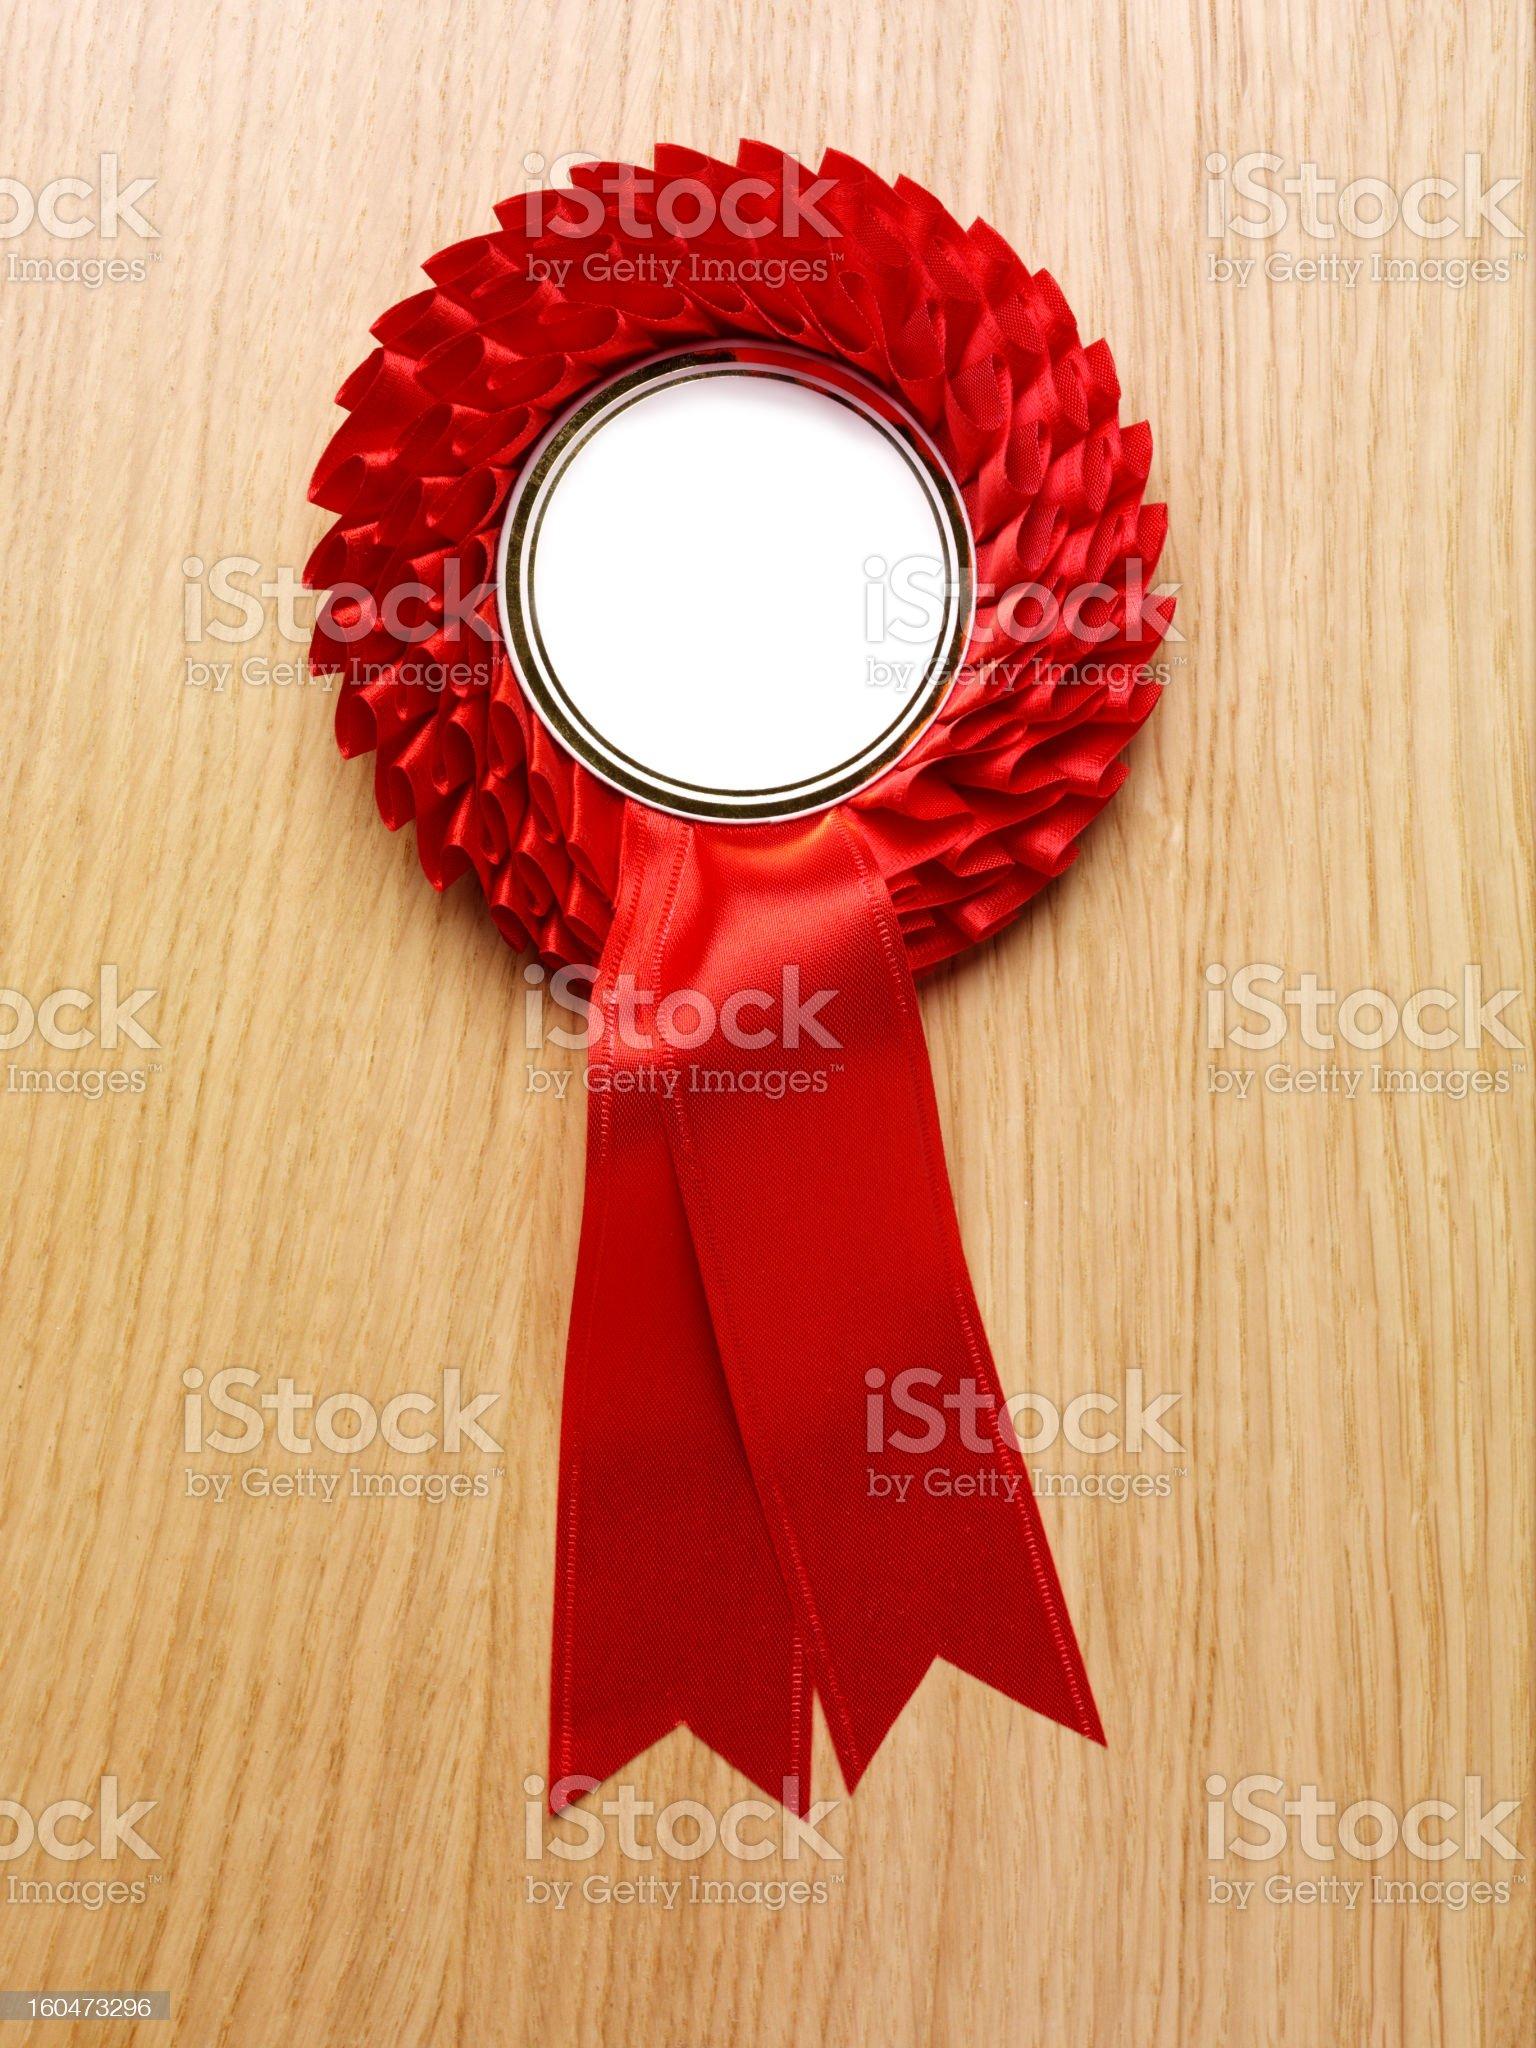 Rosette for Winning royalty-free stock photo